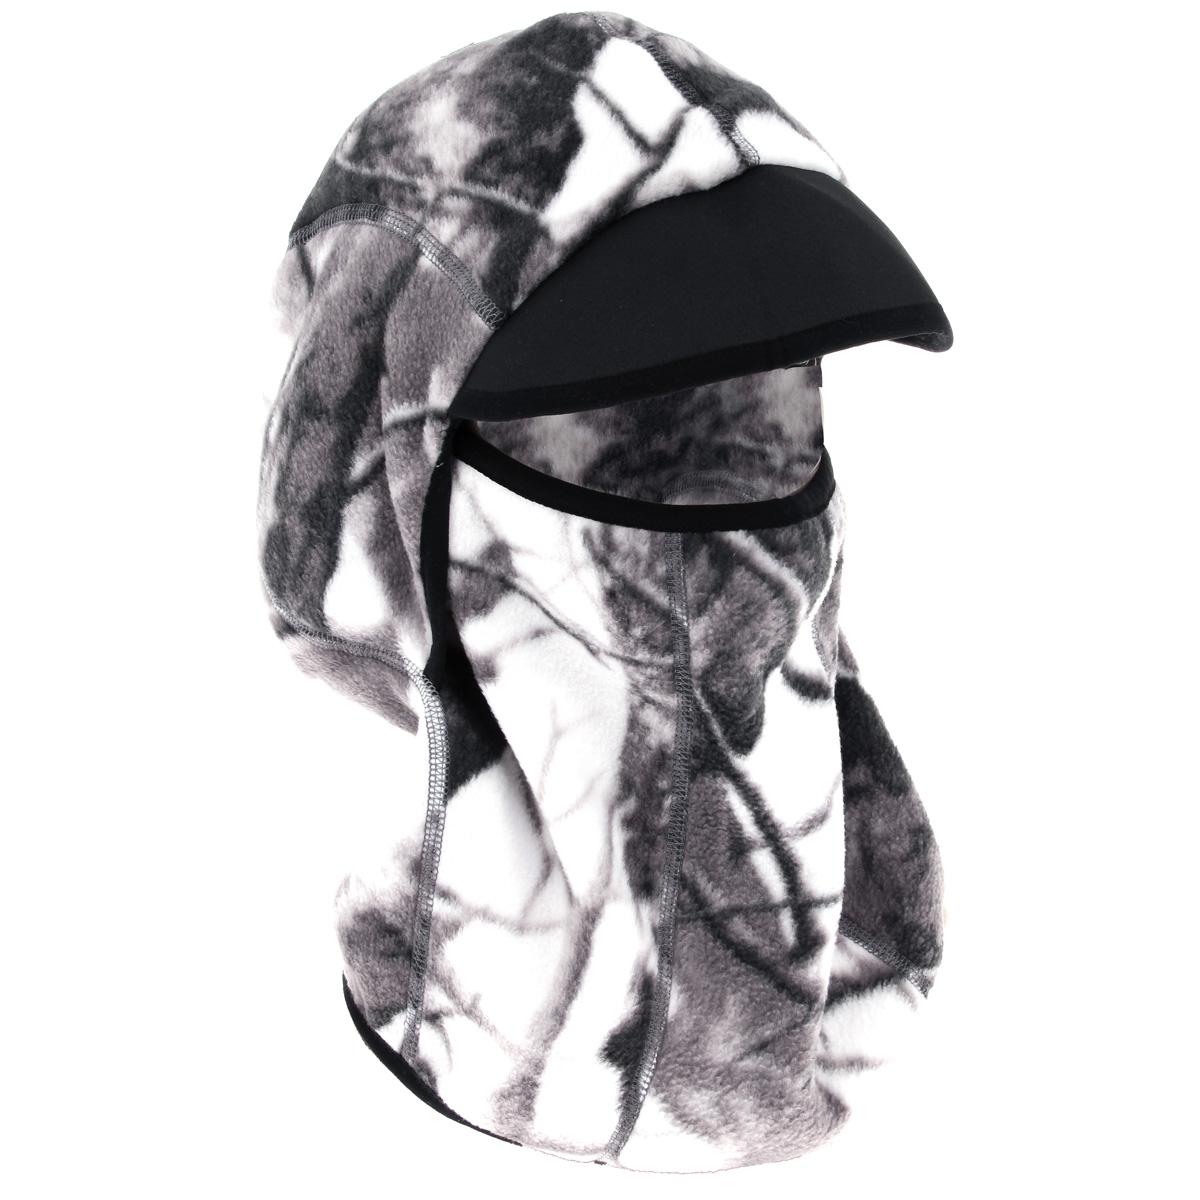 Шапка752-WТеплая шапка-маска Norfin - отличная модель для холодной погоды. Это стильная и износостойкая шапка выполнена из флиса и оформлена вышитым логотипом бренда. Также есть не большой козырек над глазами.